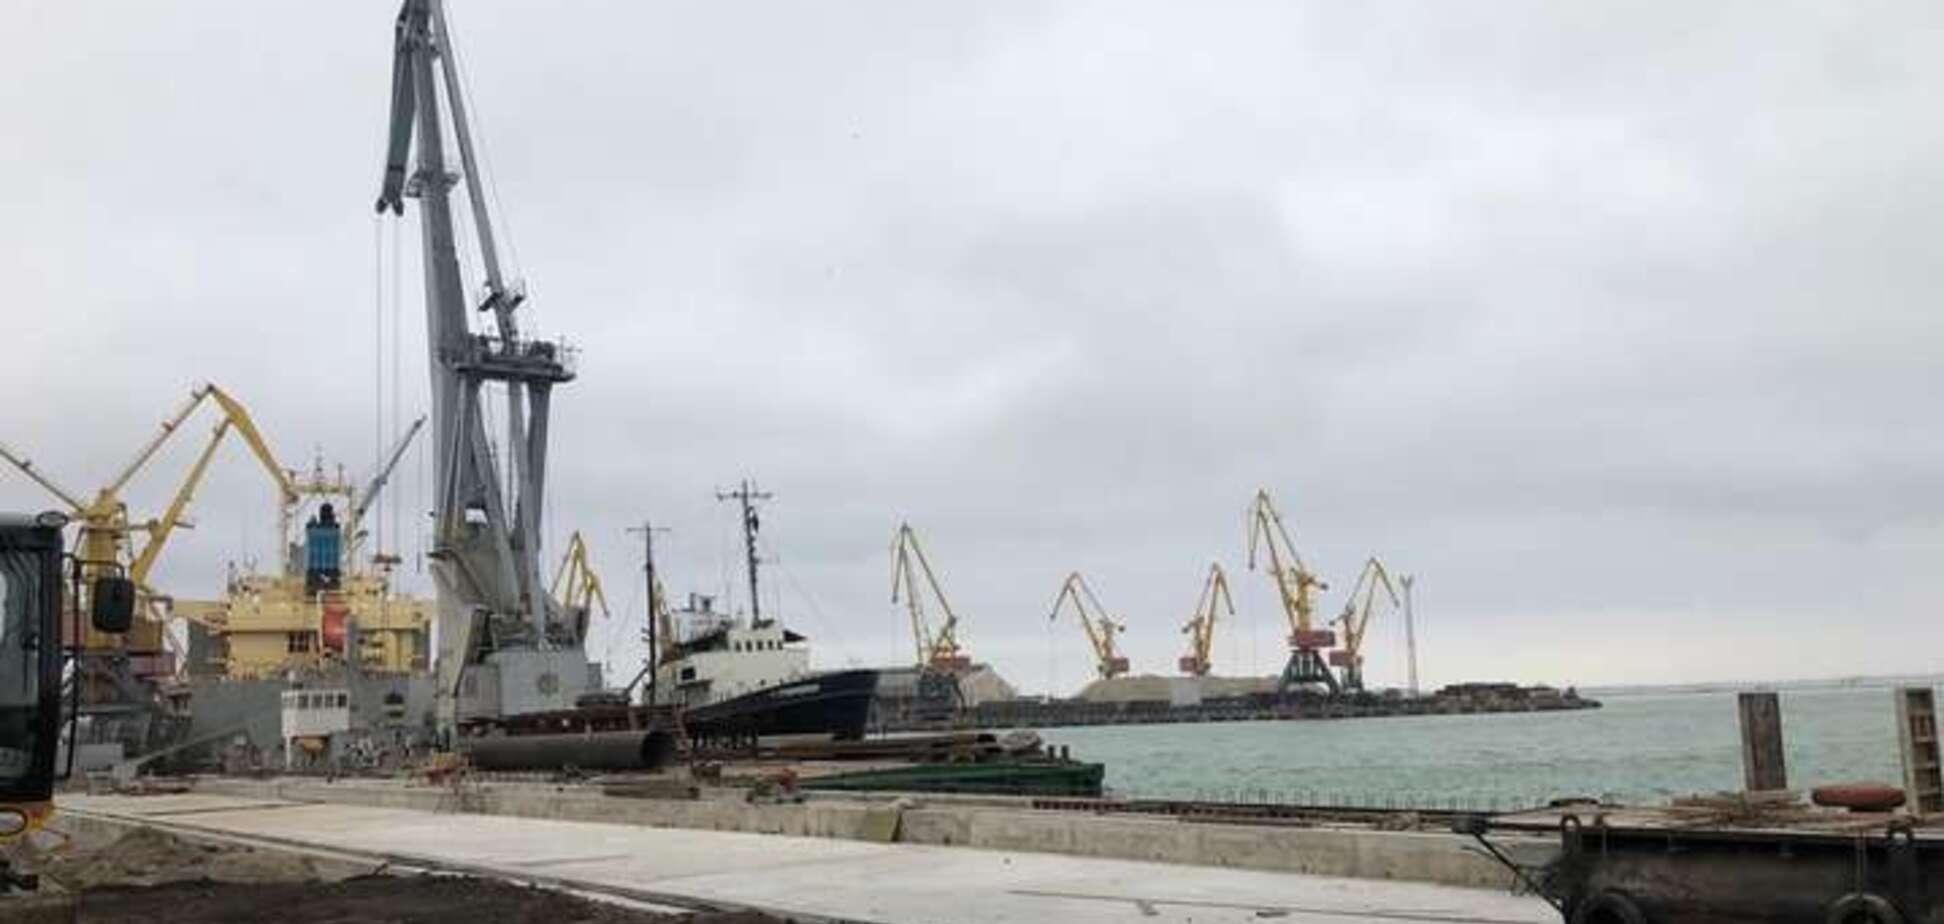 Оптимизация портовых сборов повысила грузопоток на 20% в год